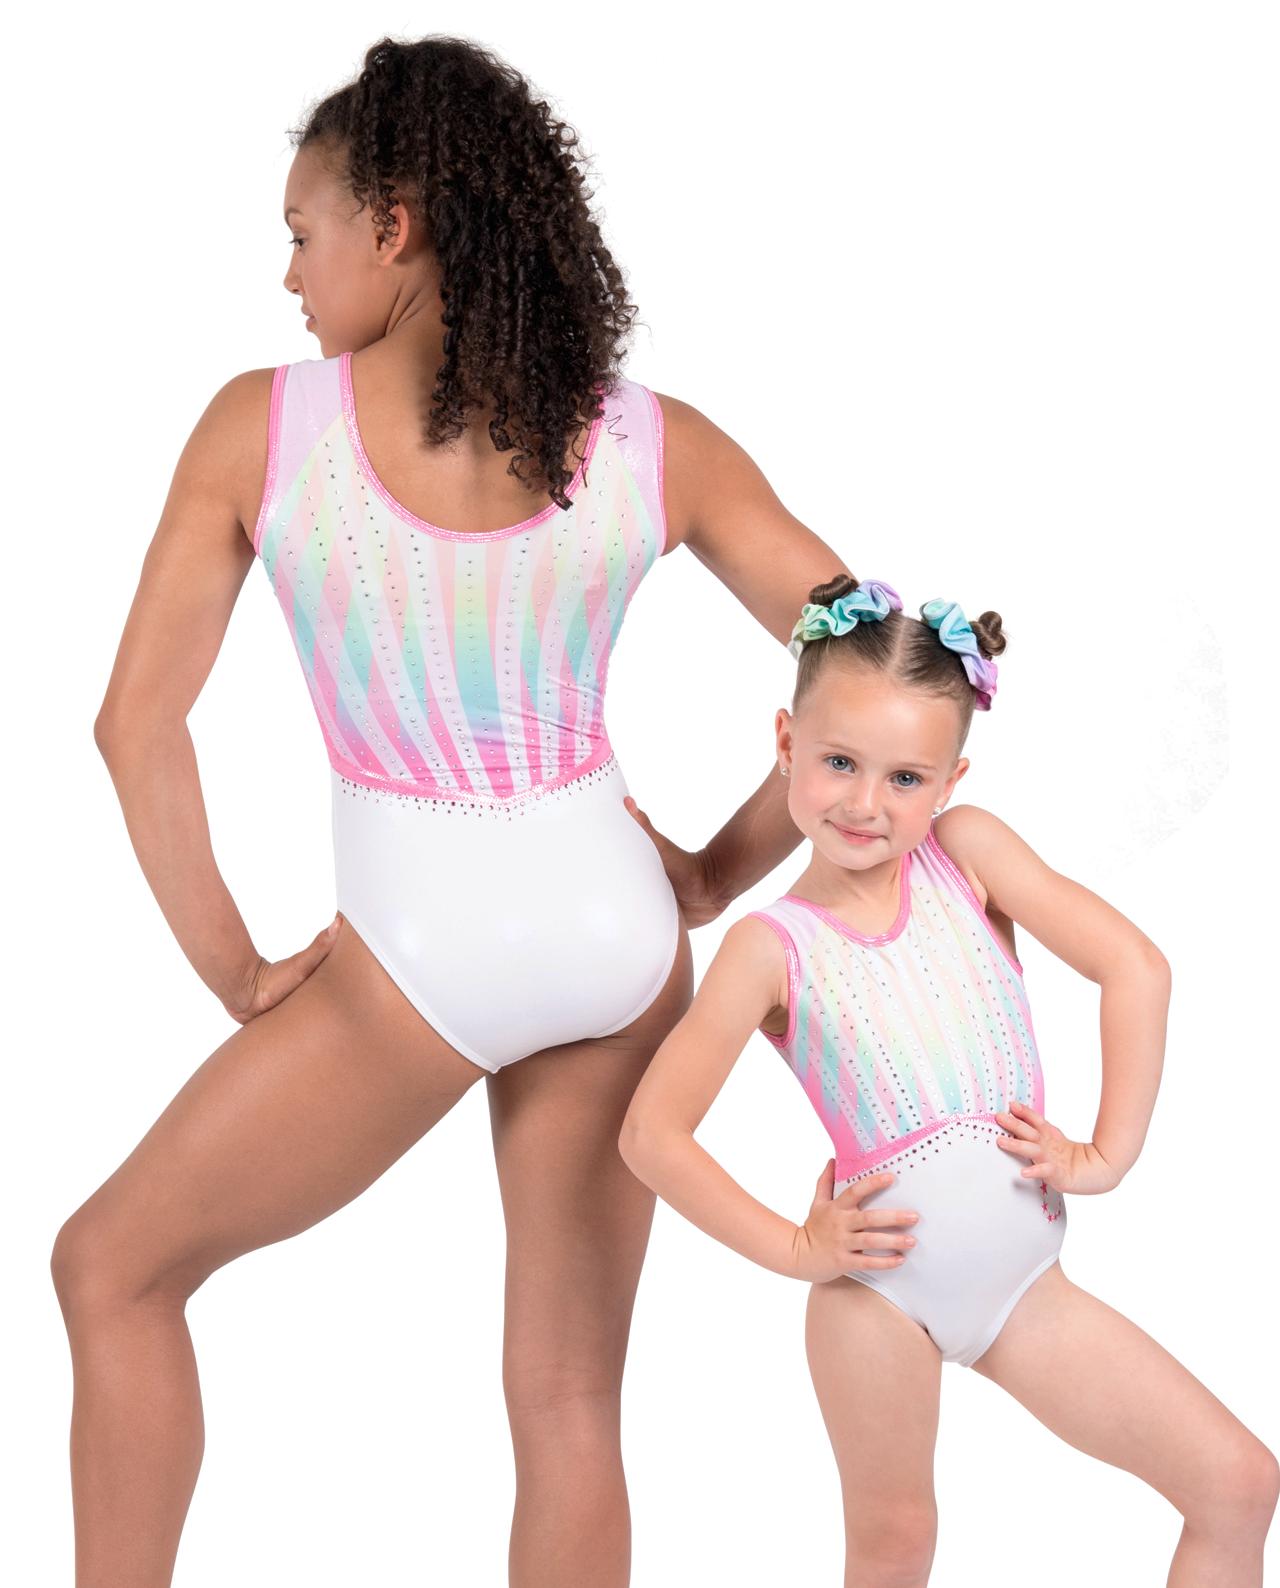 white, rainbow pastel circus inspired leotard